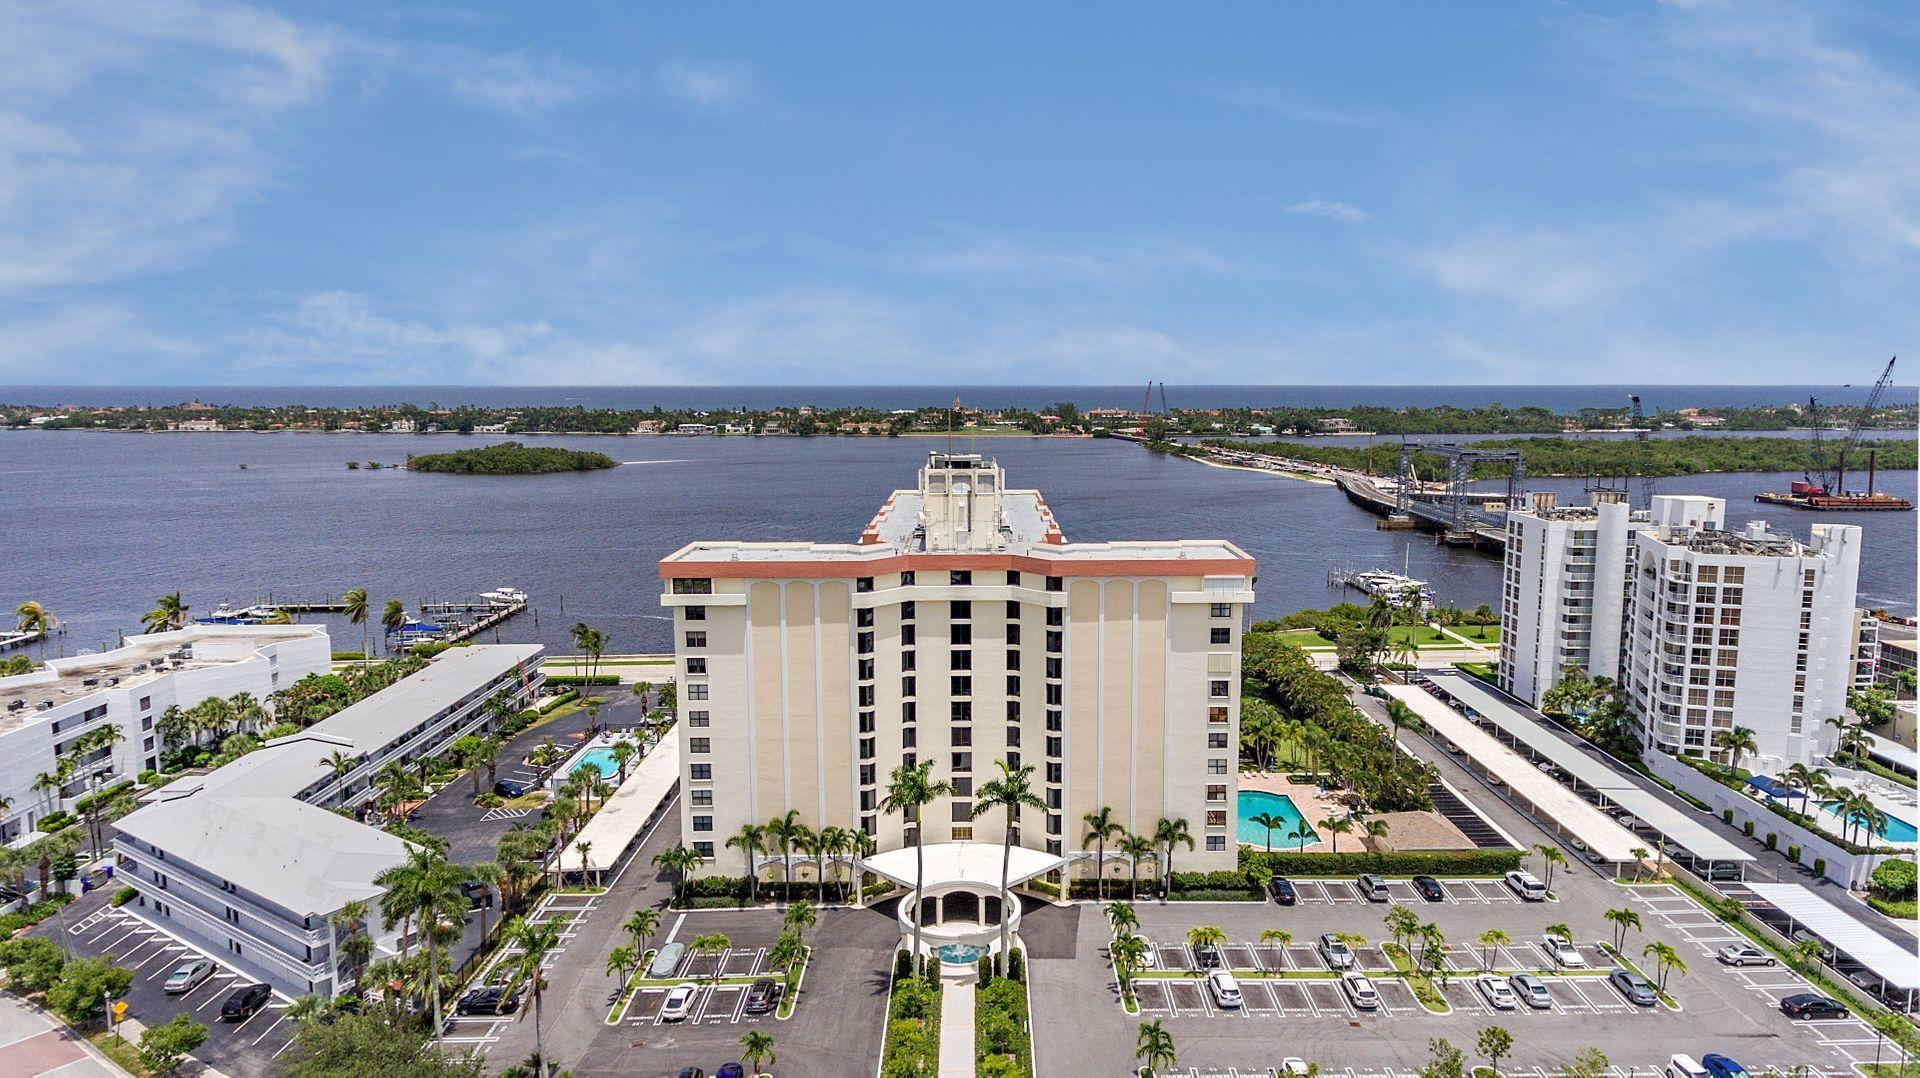 3800 Washington Road 909 West Palm Beach, FL 33405